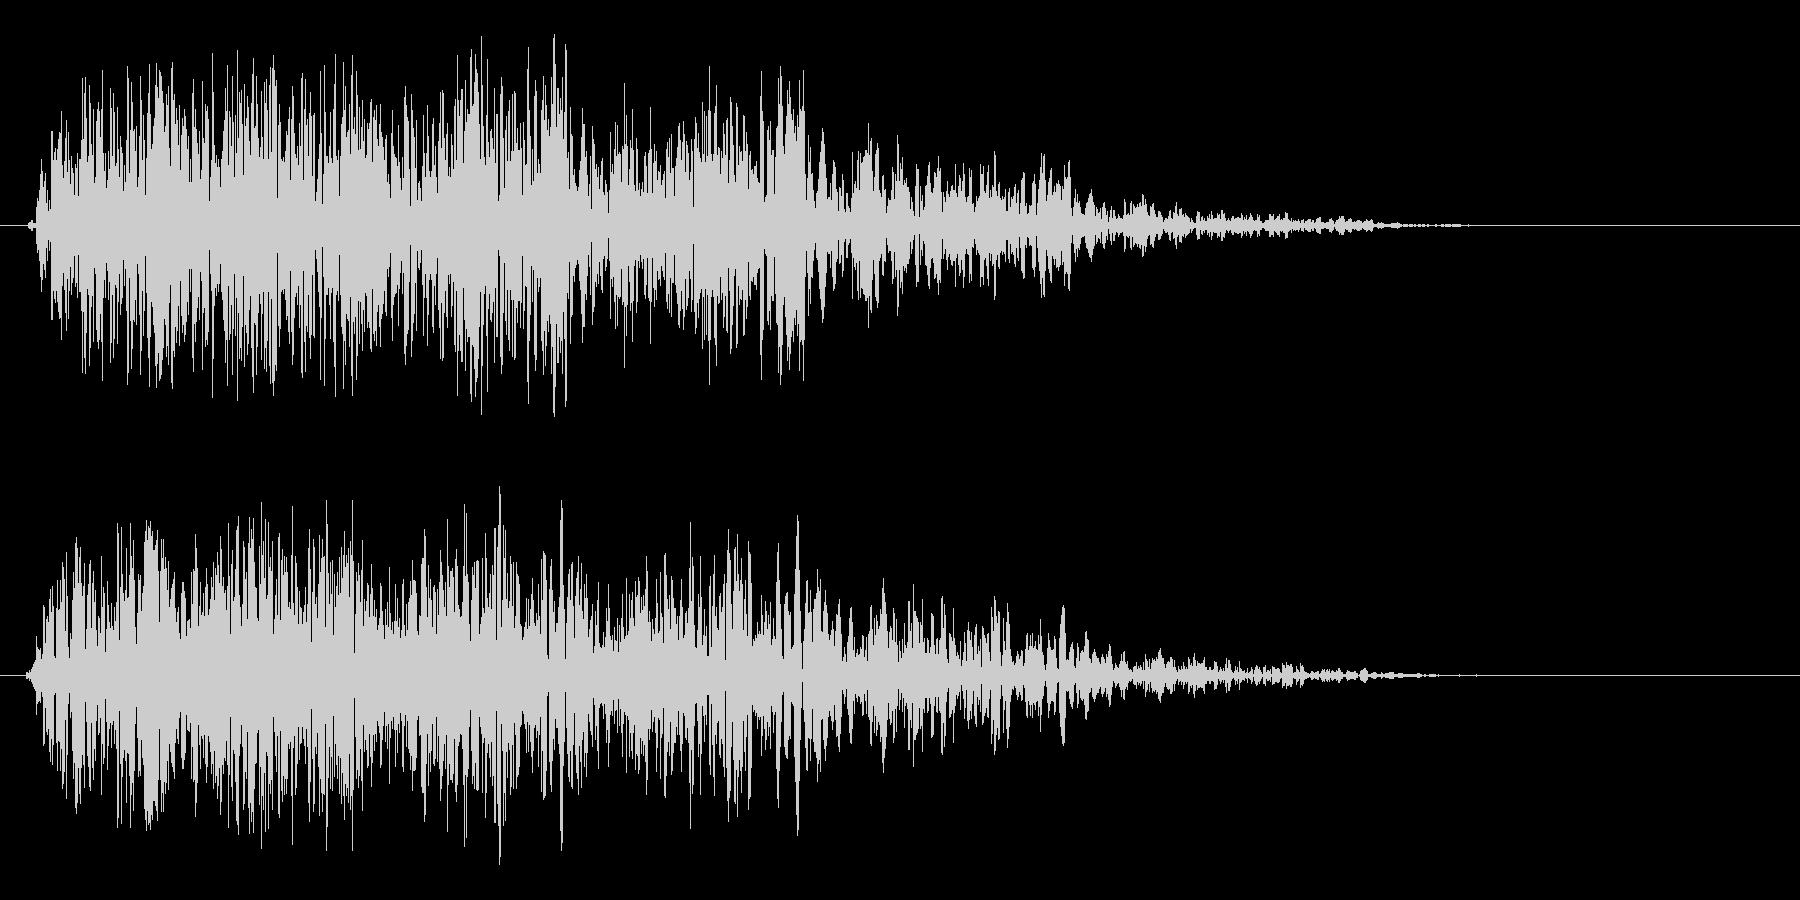 ビュワァァ〜ン(物体の連続して動く音)の未再生の波形